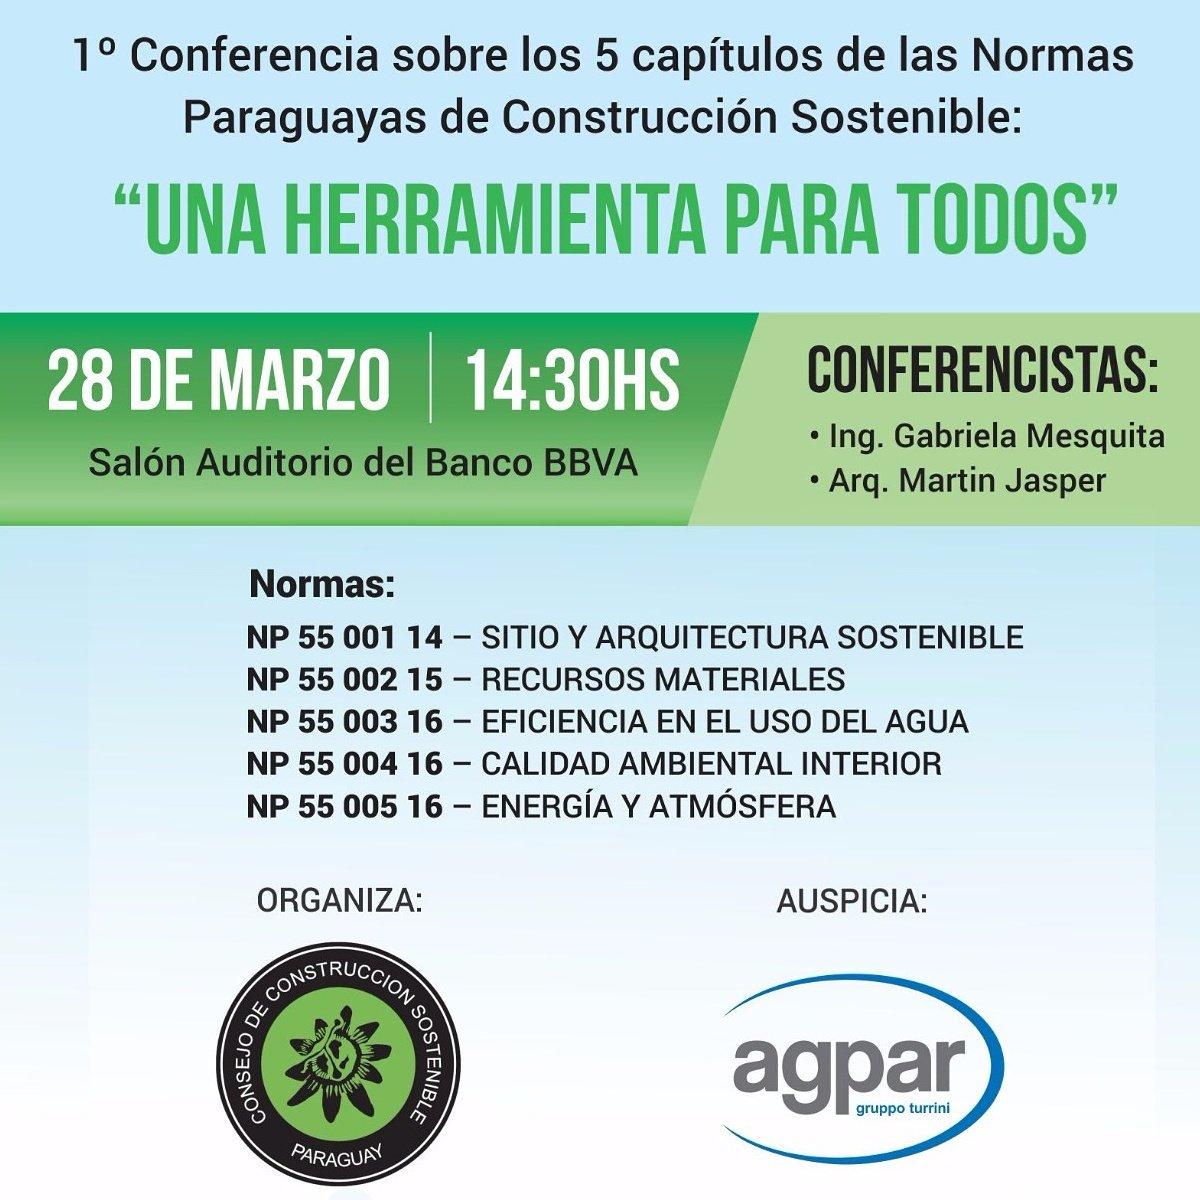 ¡Charla imperdible! #construccion #sostenible #Paraguay #agpar https://t.co/ySwA9K8JaK